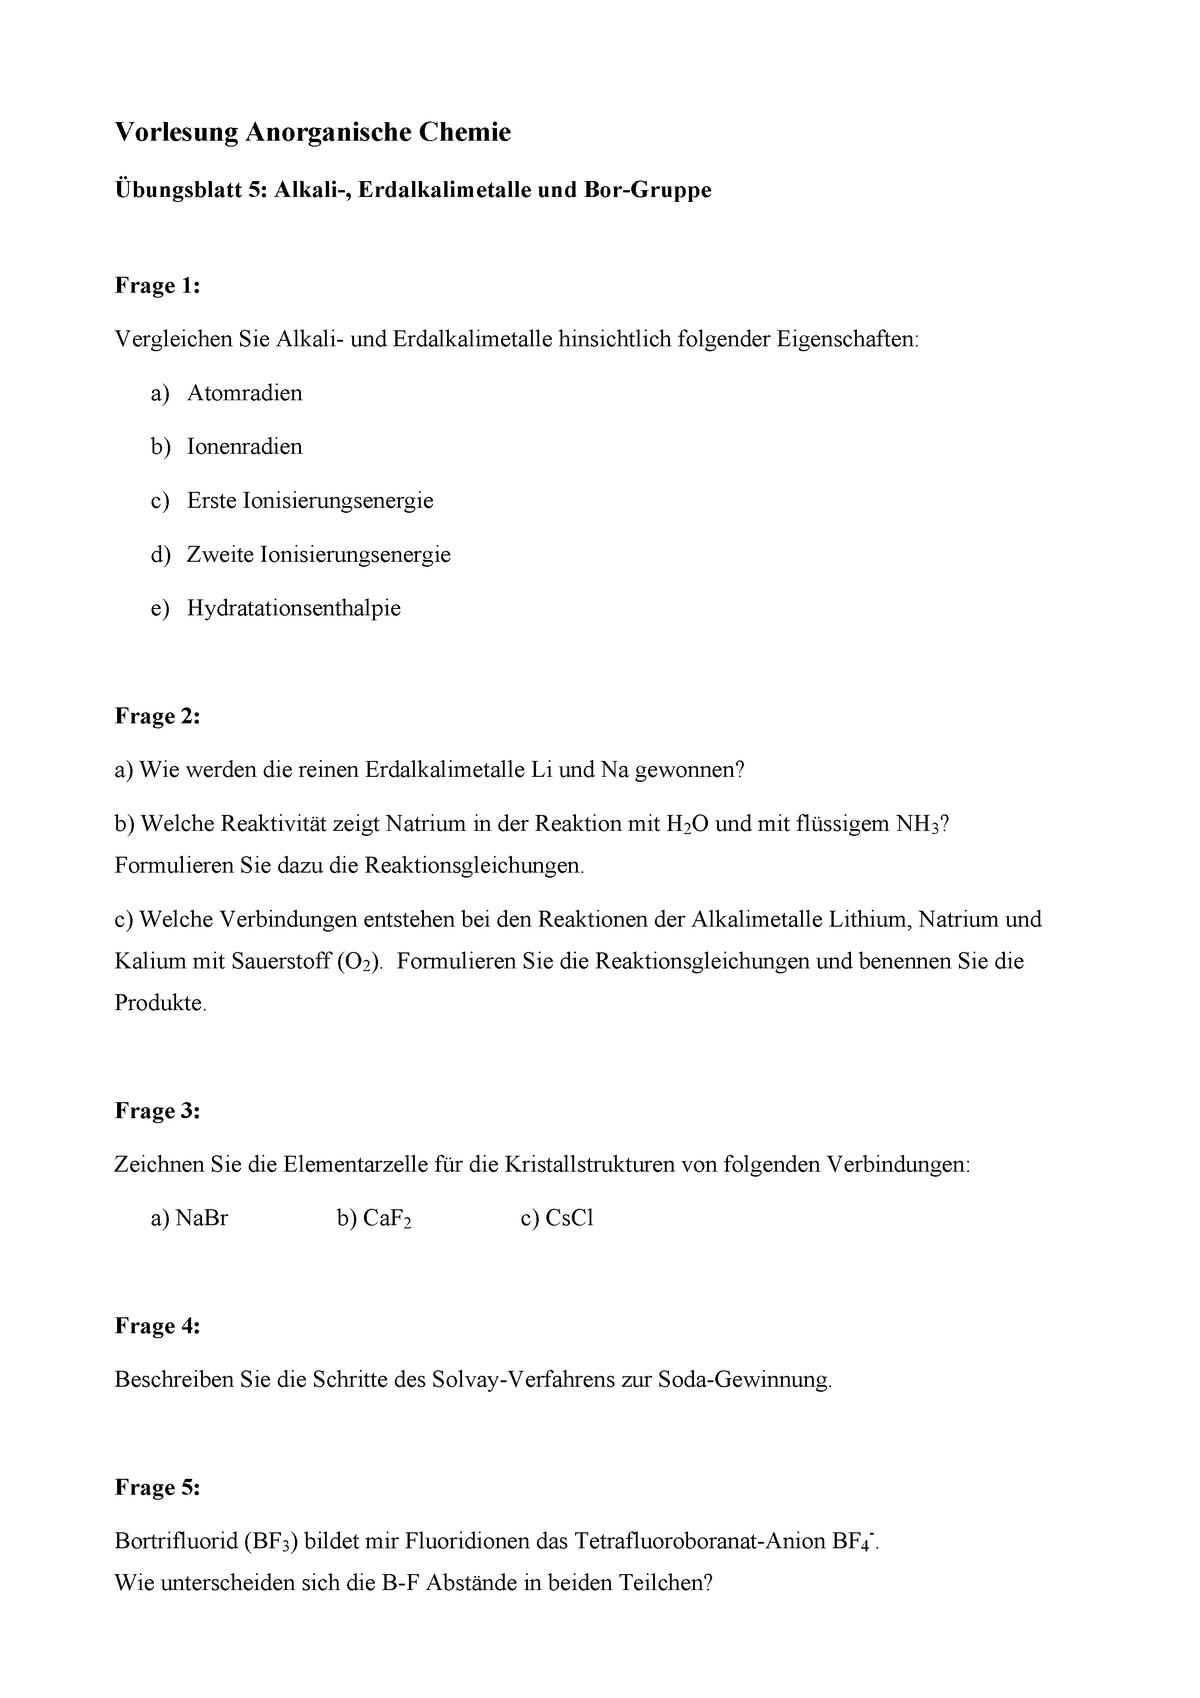 2014 Anorg Chemie Uebungsblatt 005 Lsf88587 Einführung